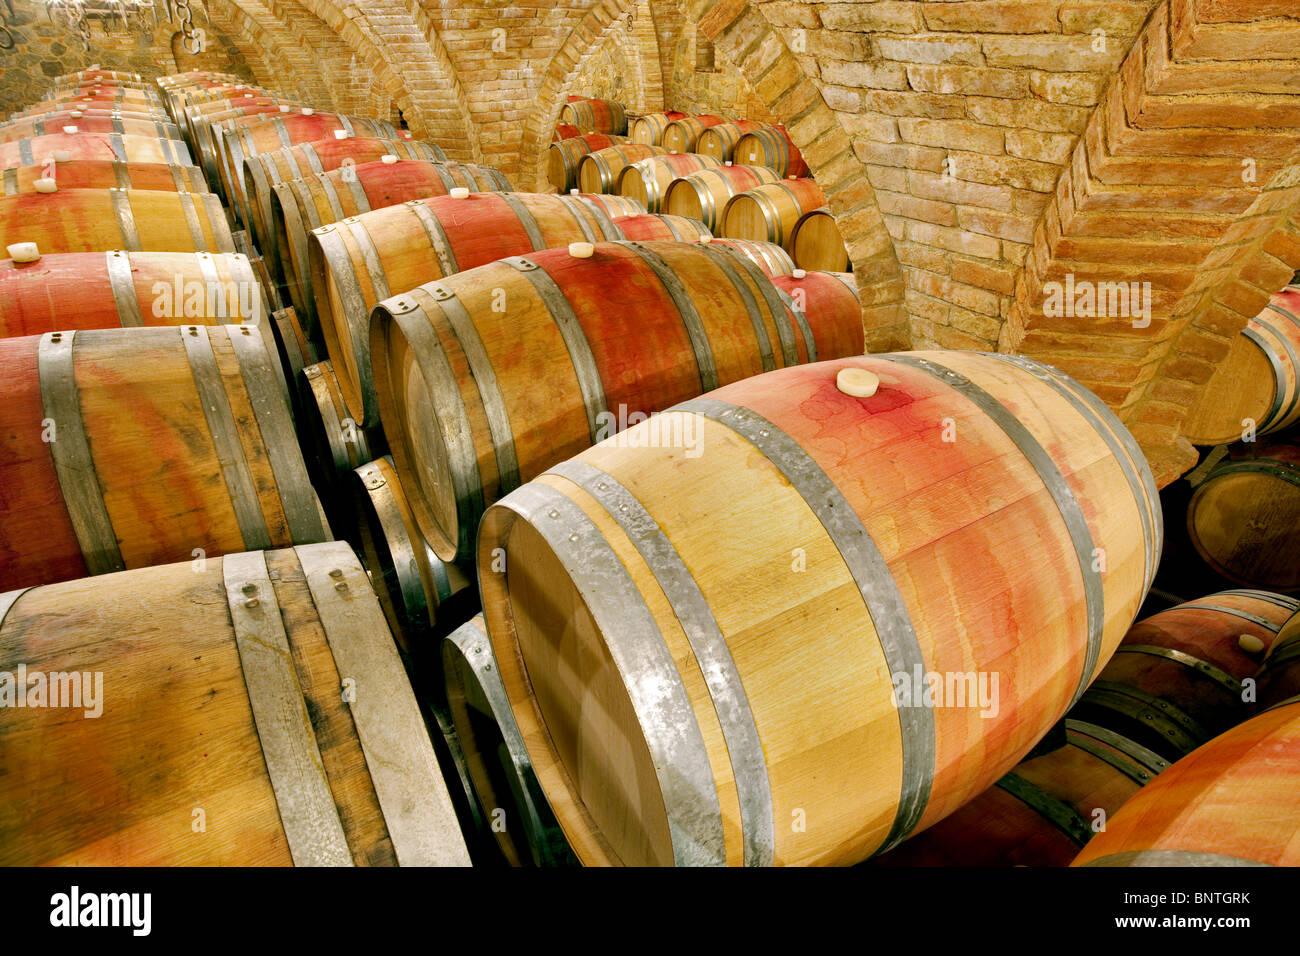 Invecchiamento del vino in botti in cantina. Castello di Amerorosa. Napa Valley, California. Proprietà rilasciato Immagini Stock